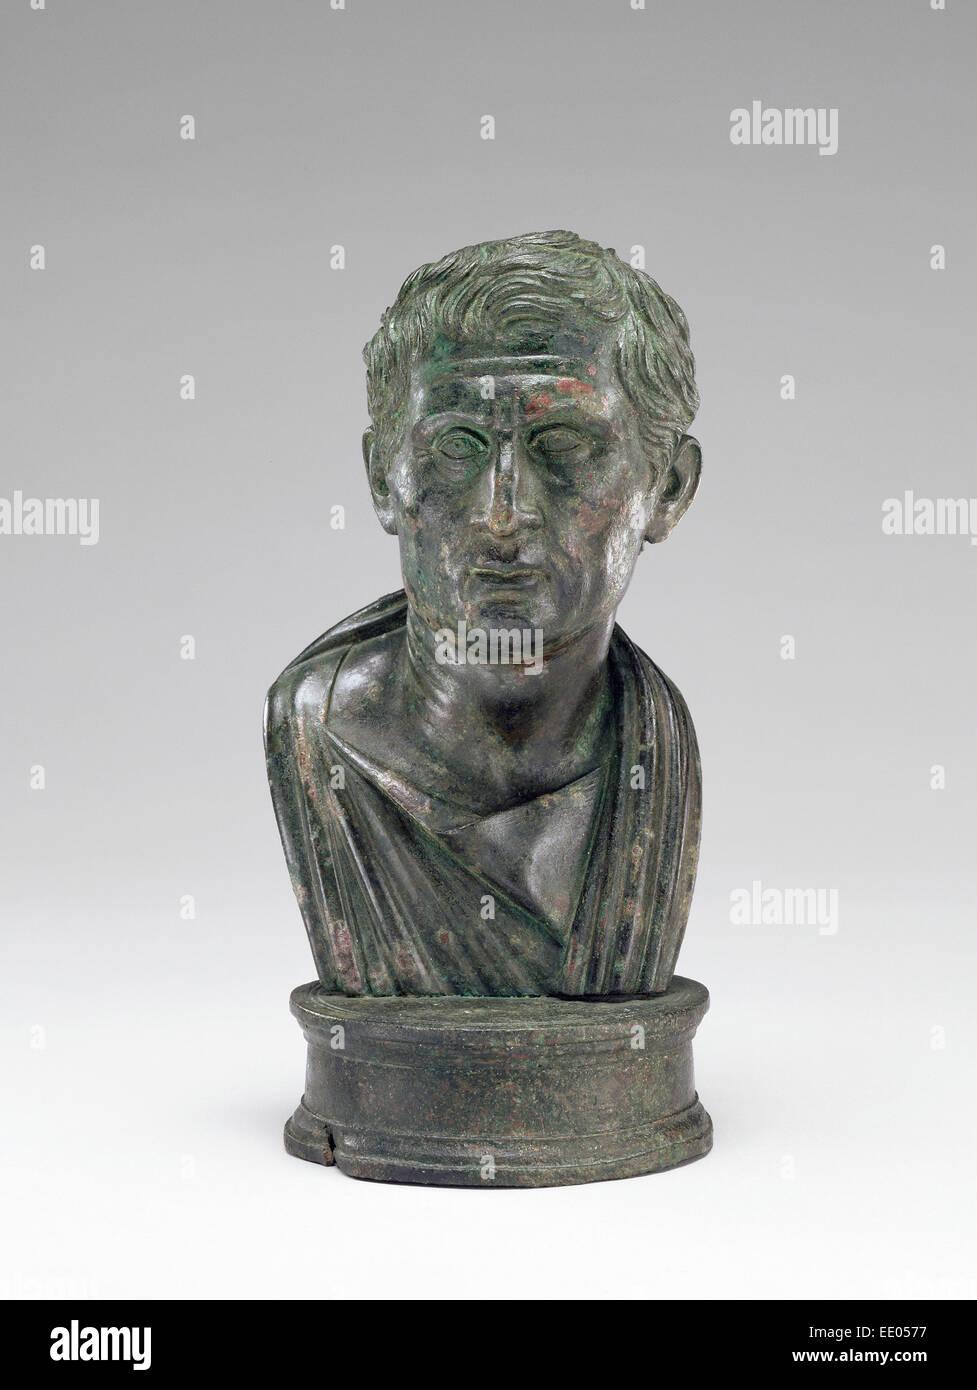 Busto di Menander; sconosciuta; 1 - 25; bronzo Immagini Stock